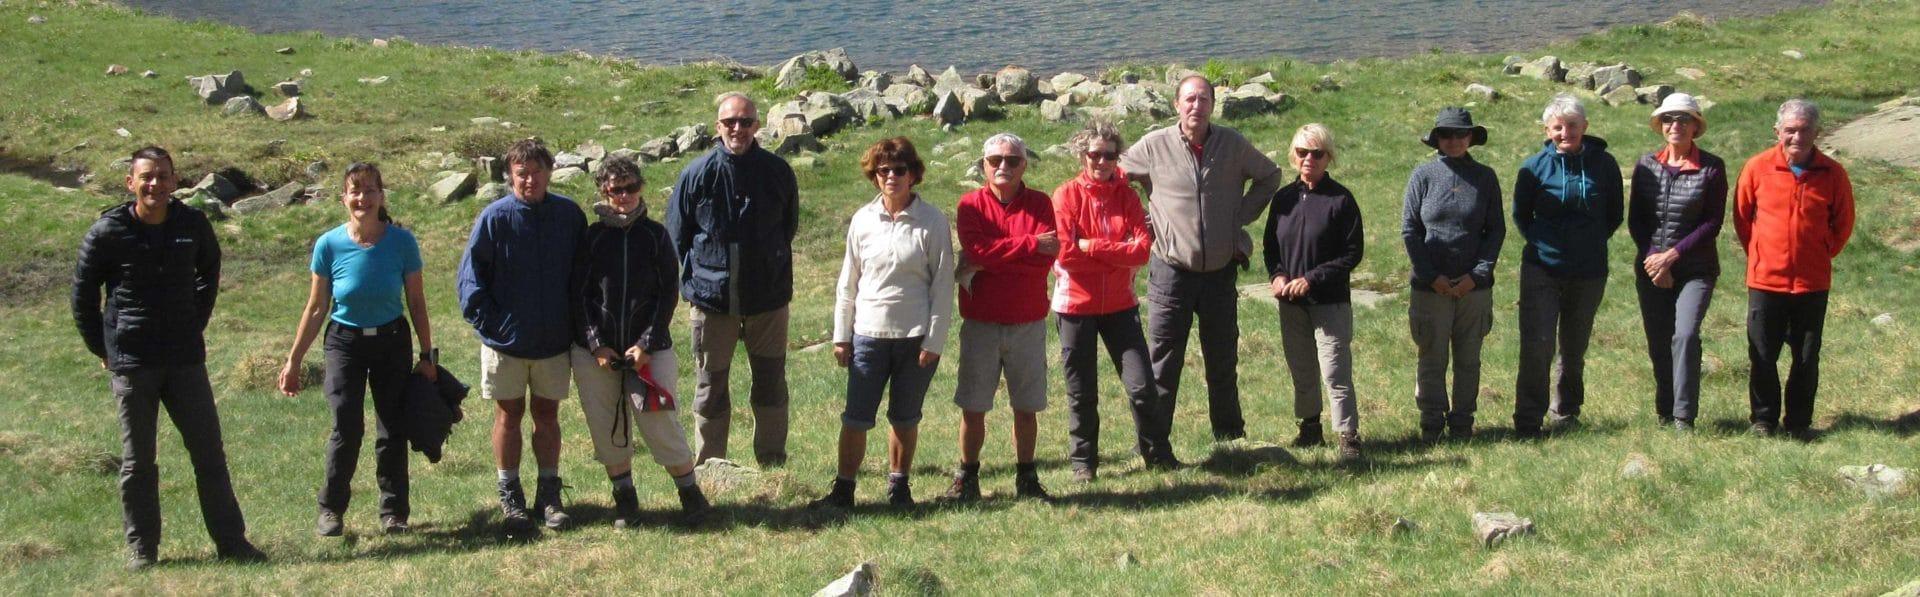 Le groupe devant le lac de Arratille